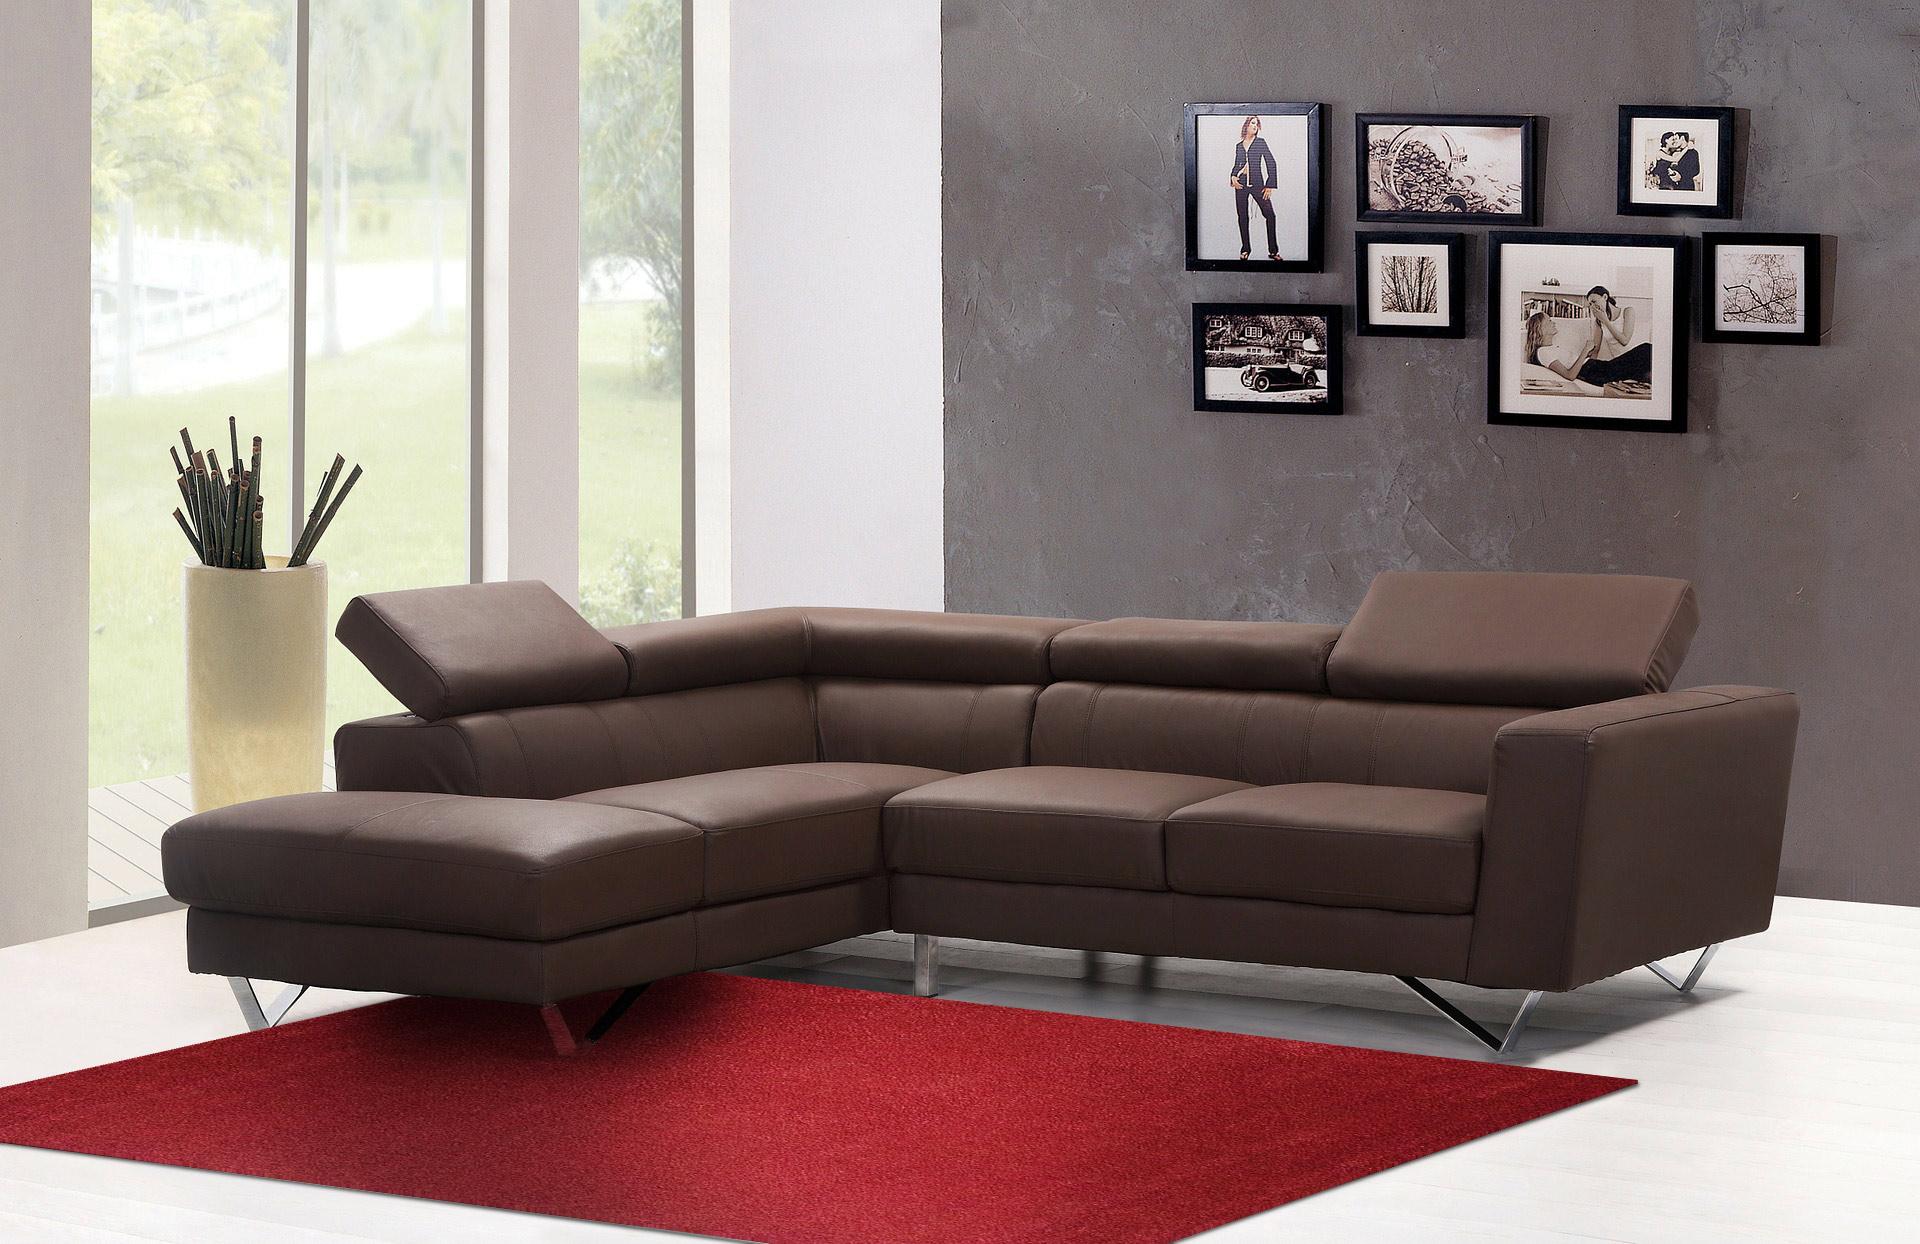 astuces d co pour un salon accueillant. Black Bedroom Furniture Sets. Home Design Ideas